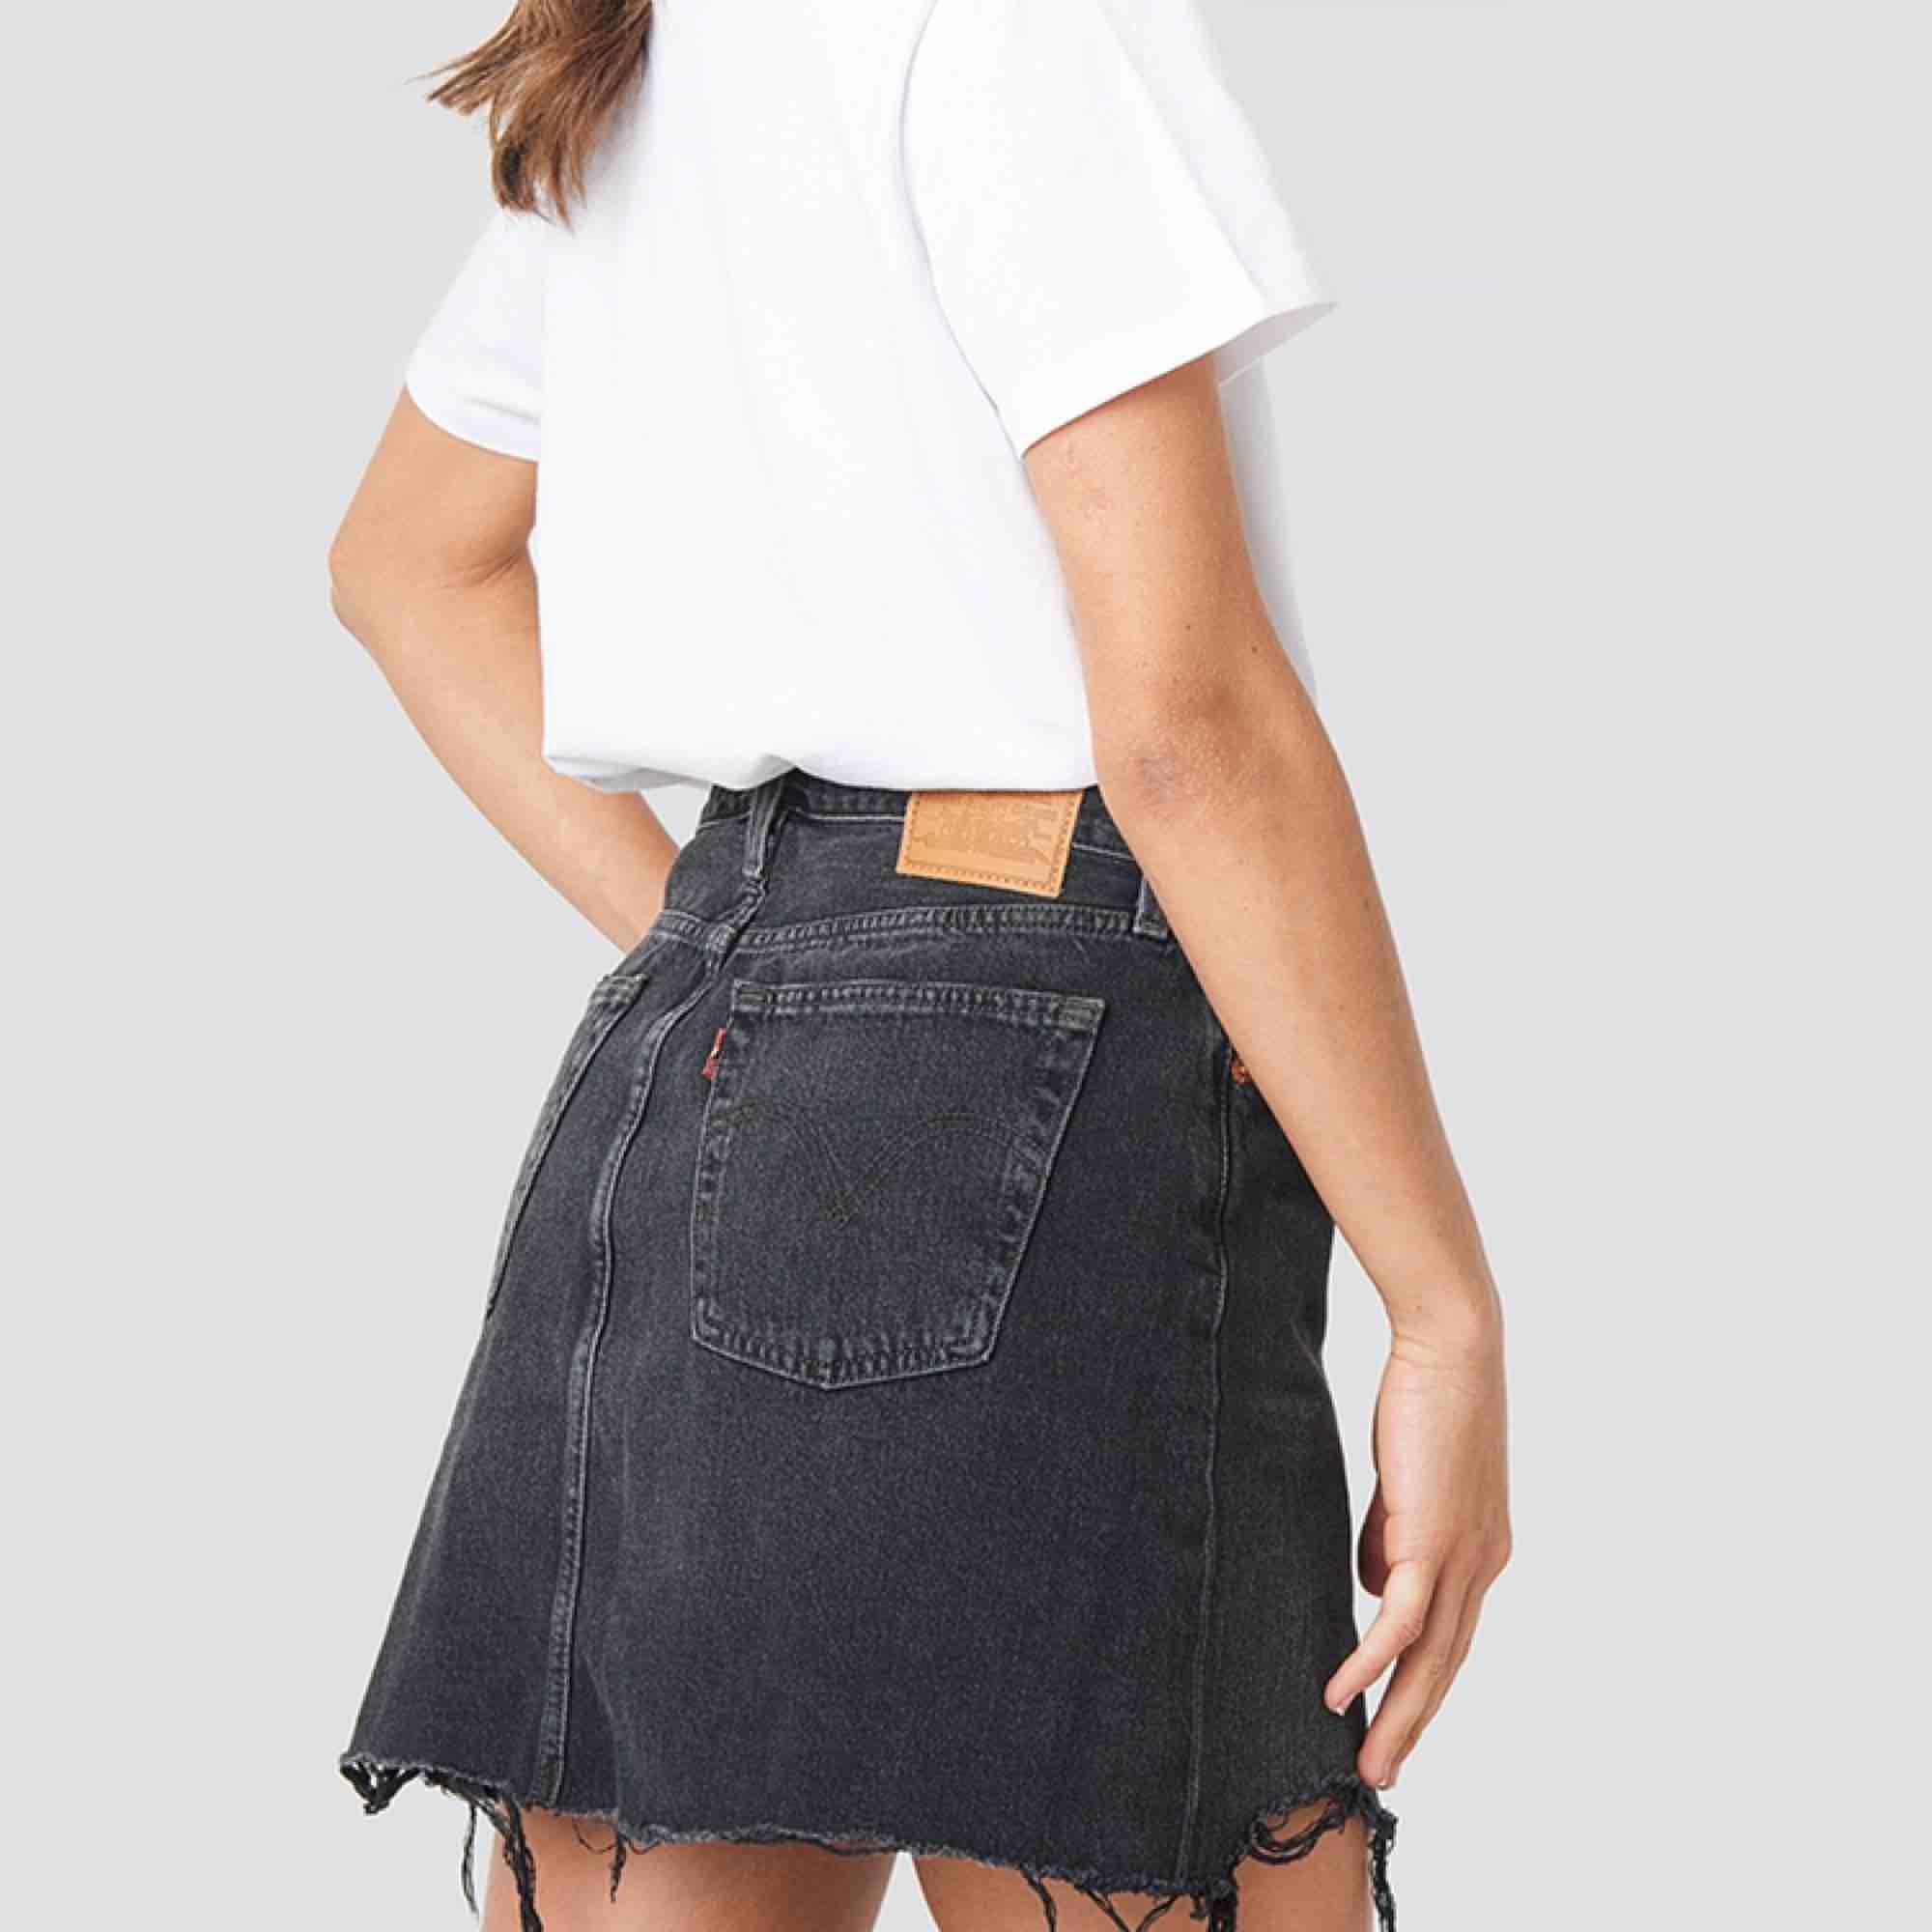 Skit snygg svart kjol ifrån Levis. Köpt nu i somras men har knappt kommit till användning. Köparen står för frakt🖤🎥🖤💣. Kjolar.